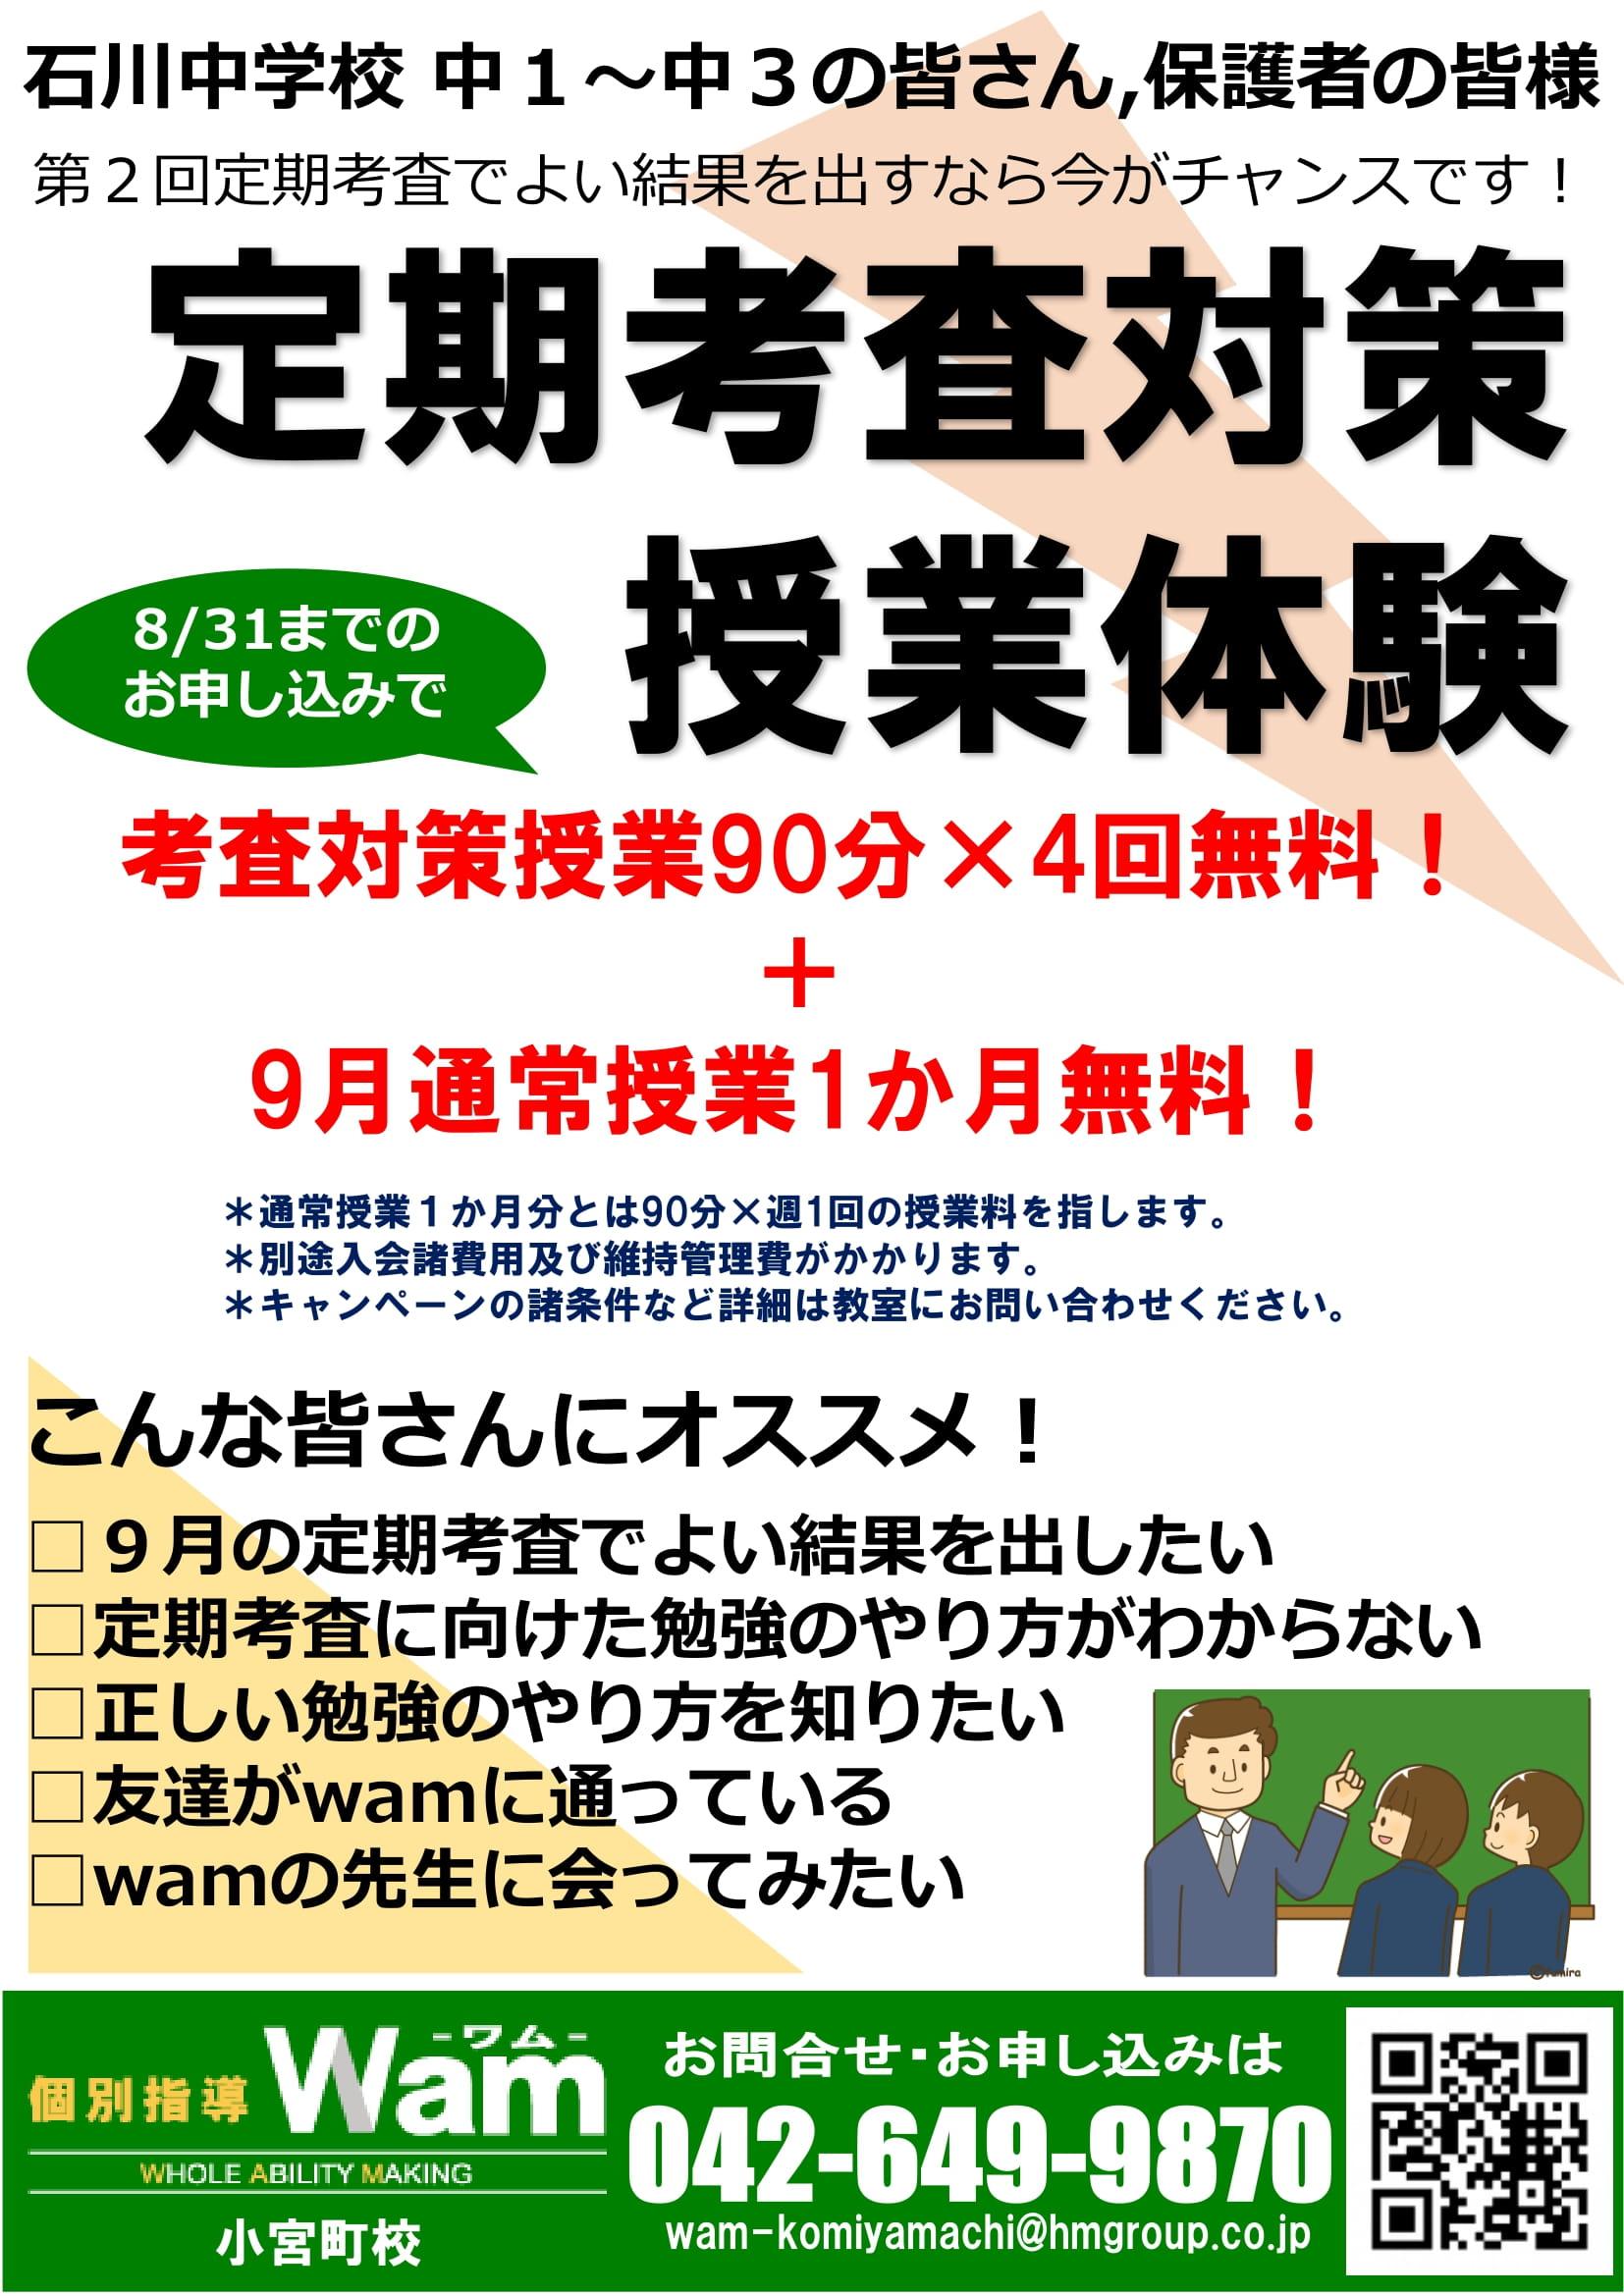 石川中学校 定期考査対策授業体験 受付開始!